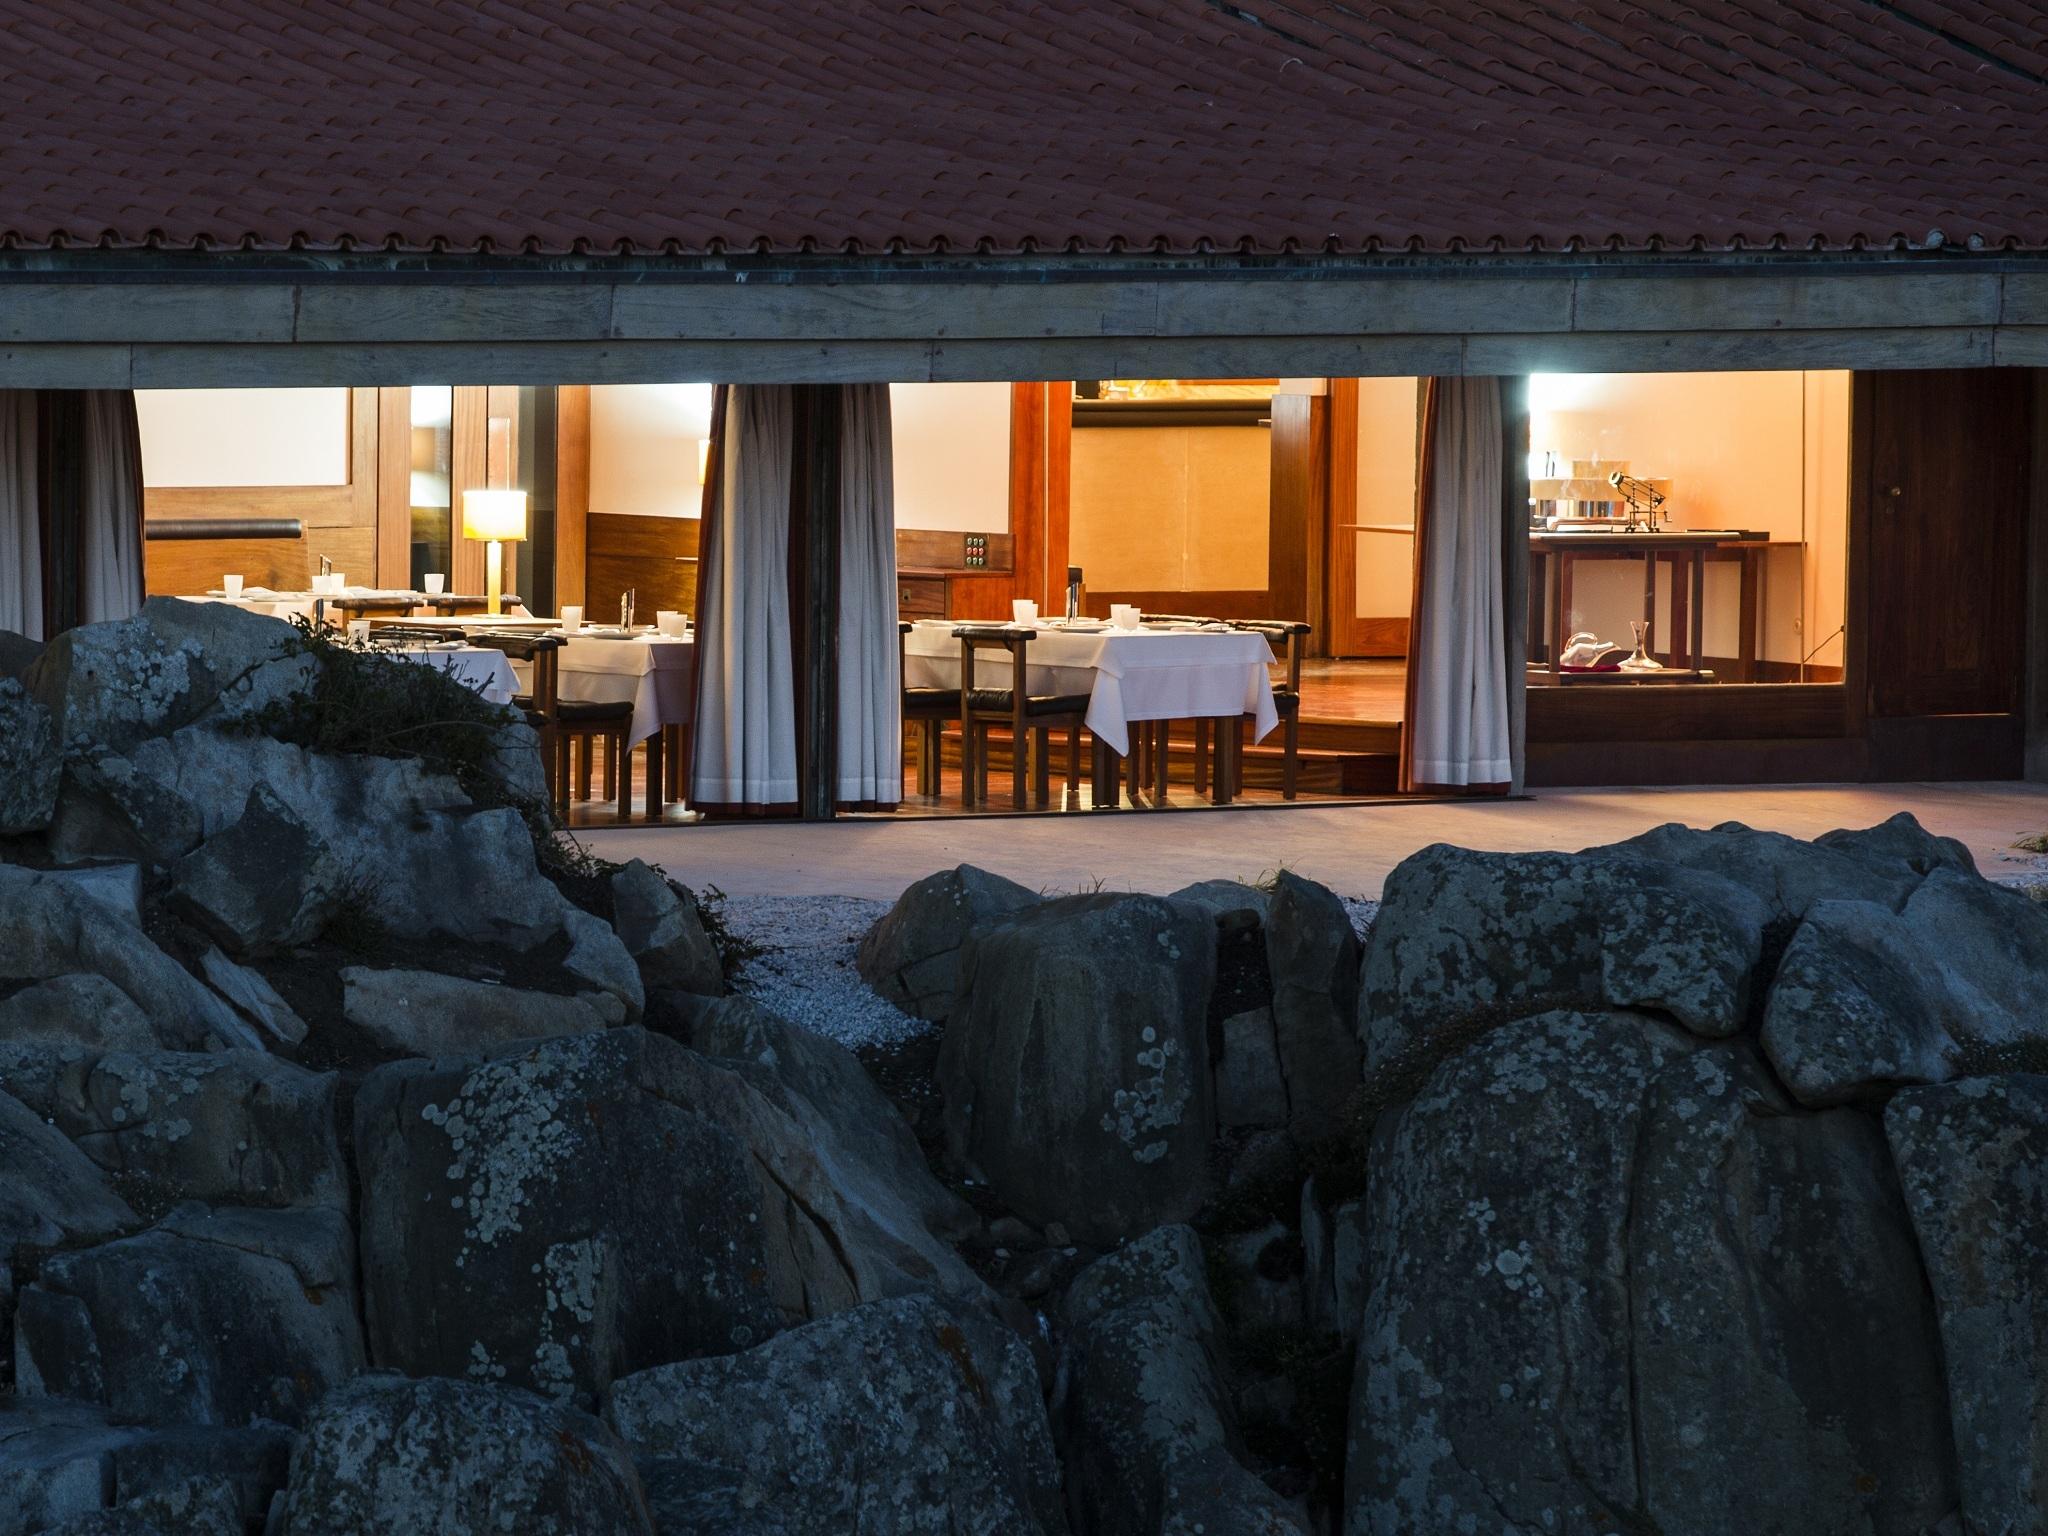 Restaurante, Casa de Chá da Boa Nova, Cozinha de Autor